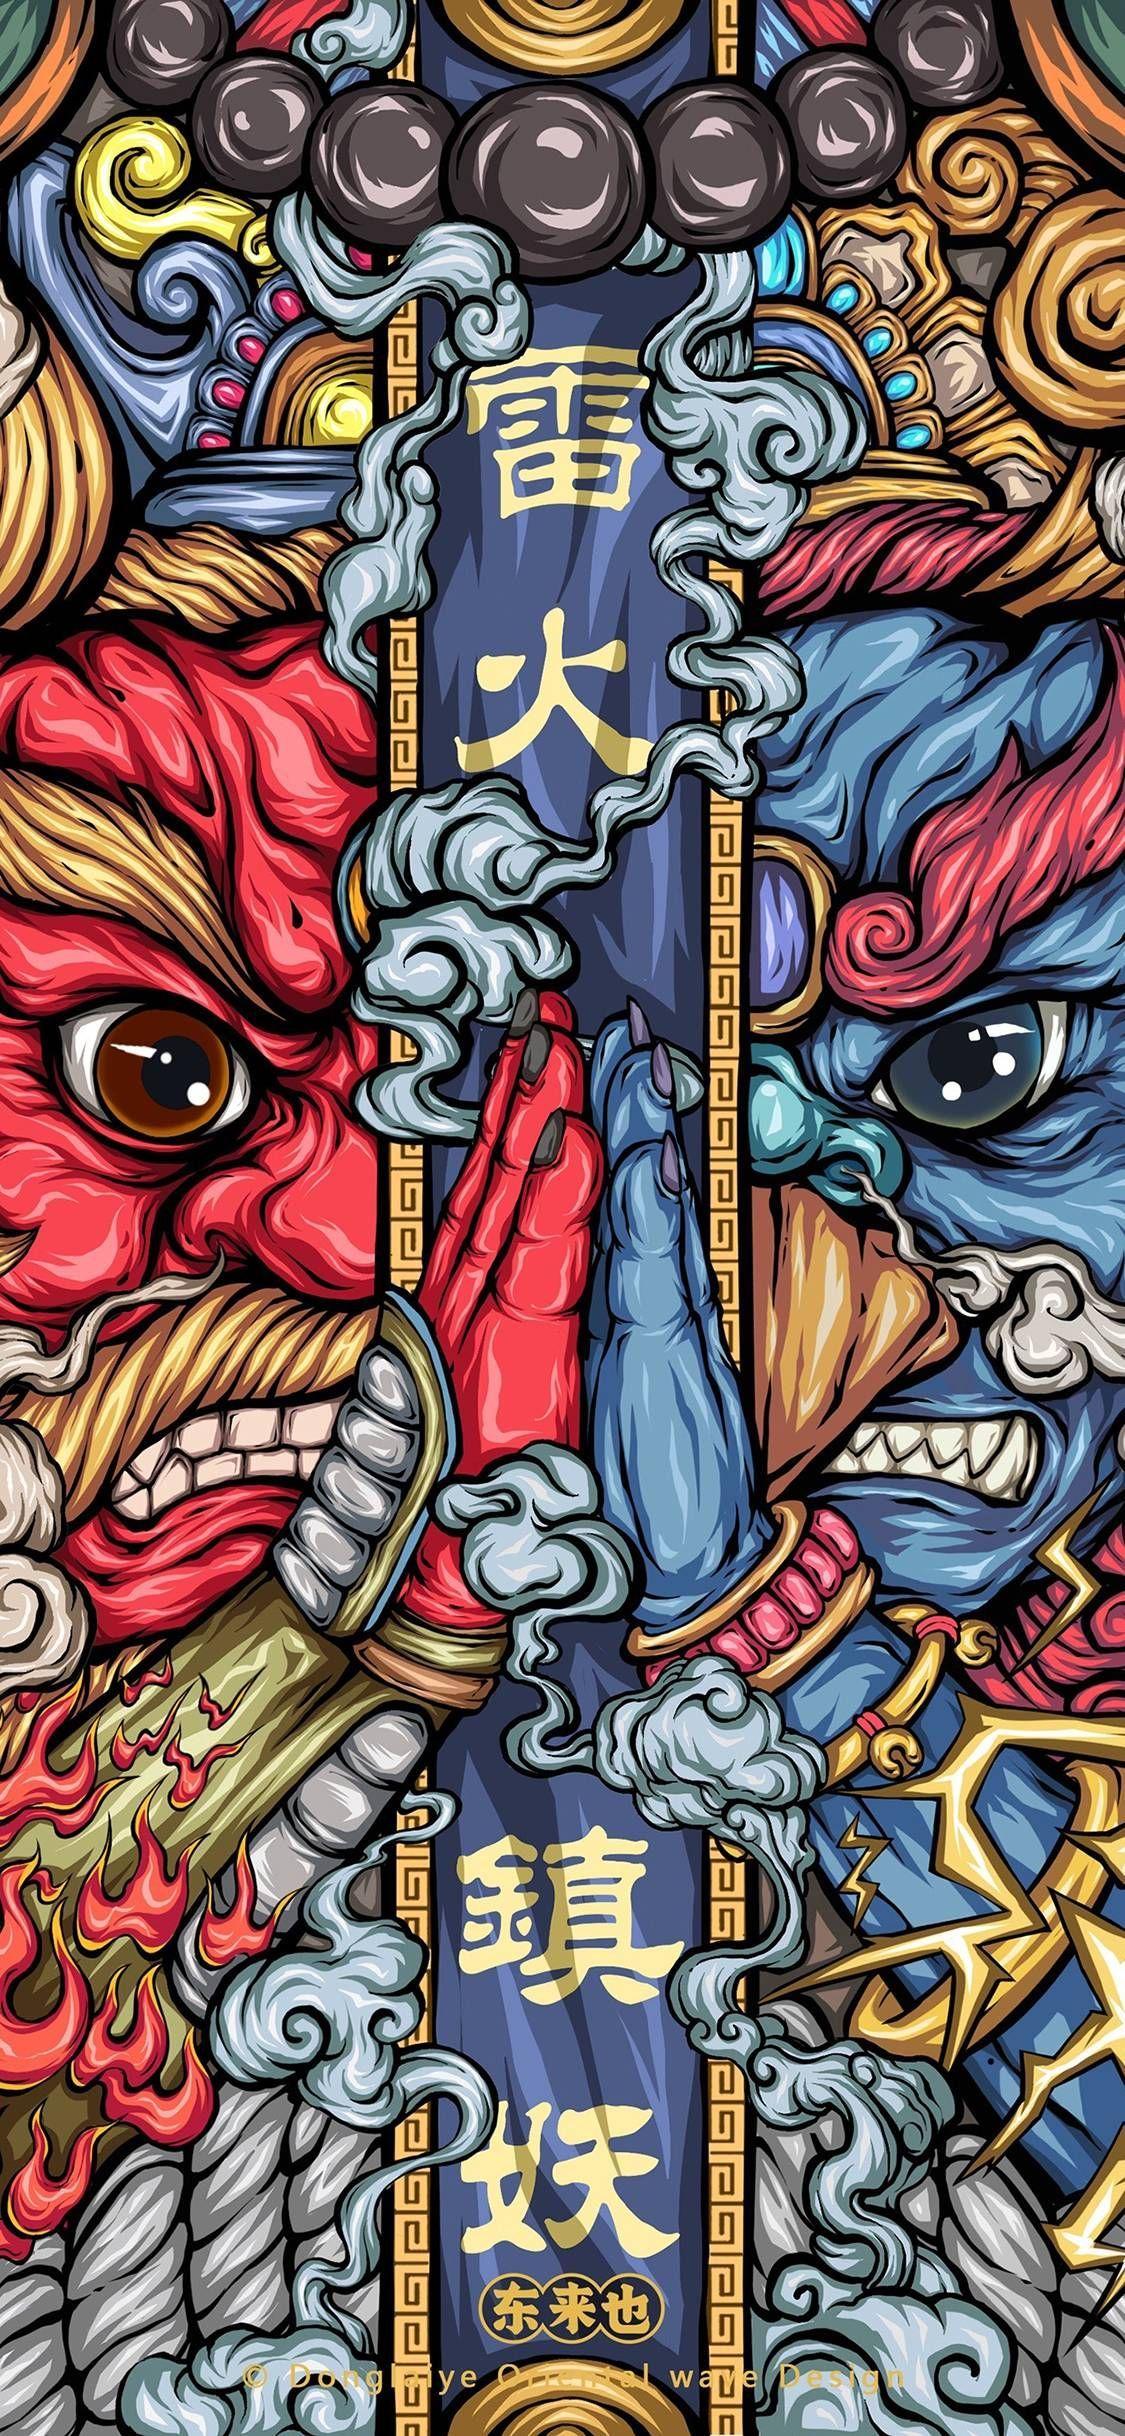 Pin On Art In 2020 Pop Art Wallpaper Samurai Wallpaper Art Wallpaper Iphone